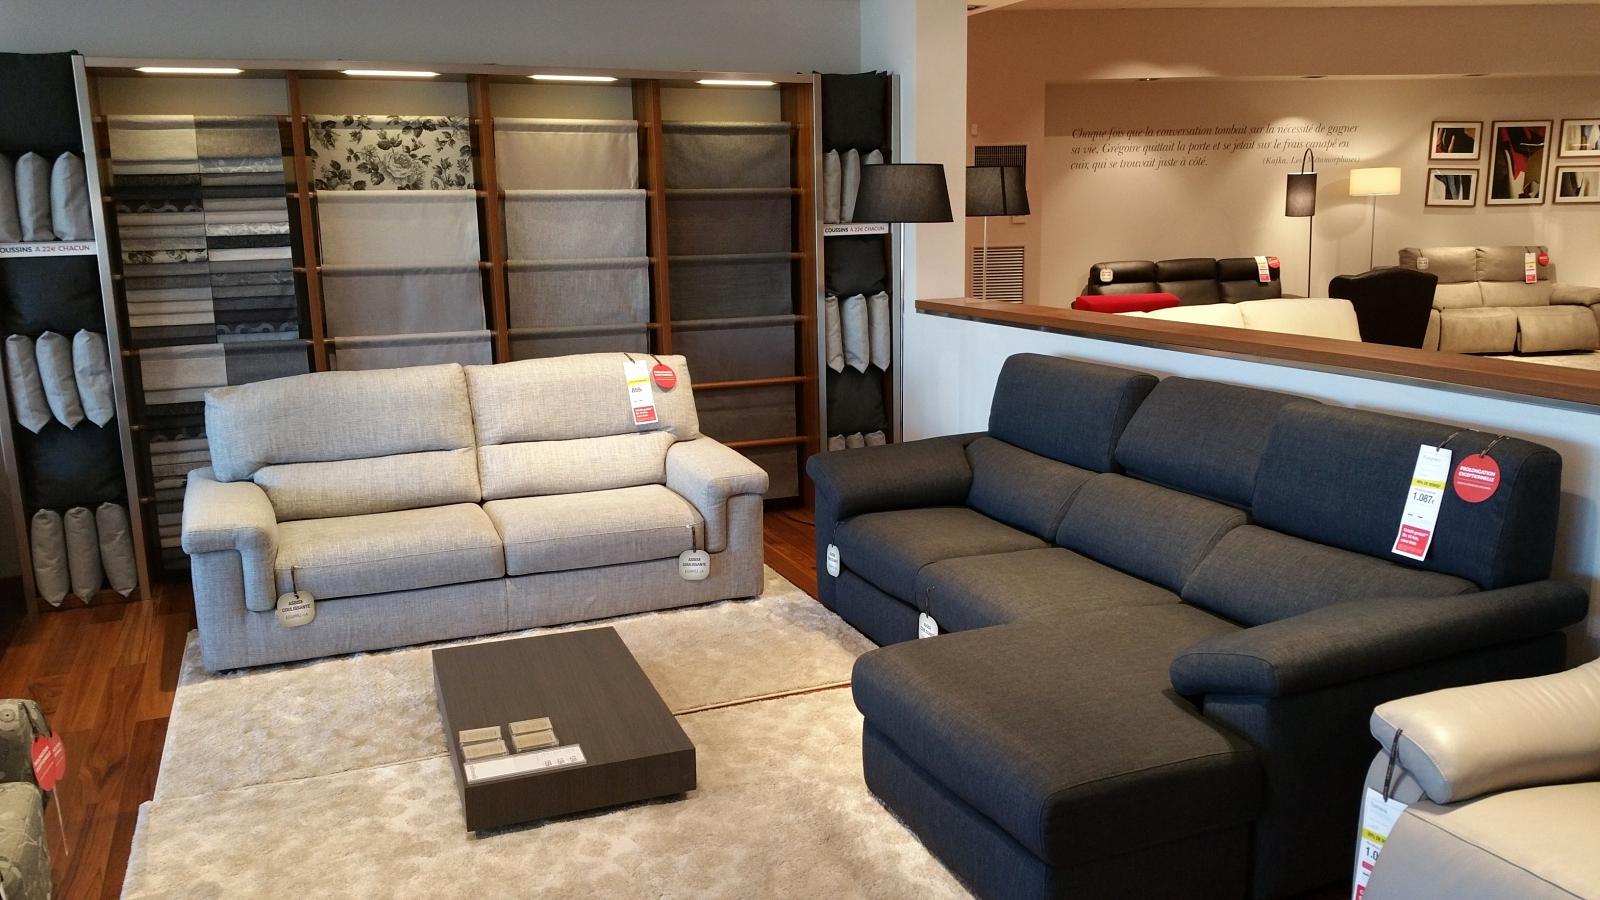 Canape Cuir Poltronesofa Unique Photos Canape Cuir Poltronesofa Unique Voltana Angle Droite Living Room